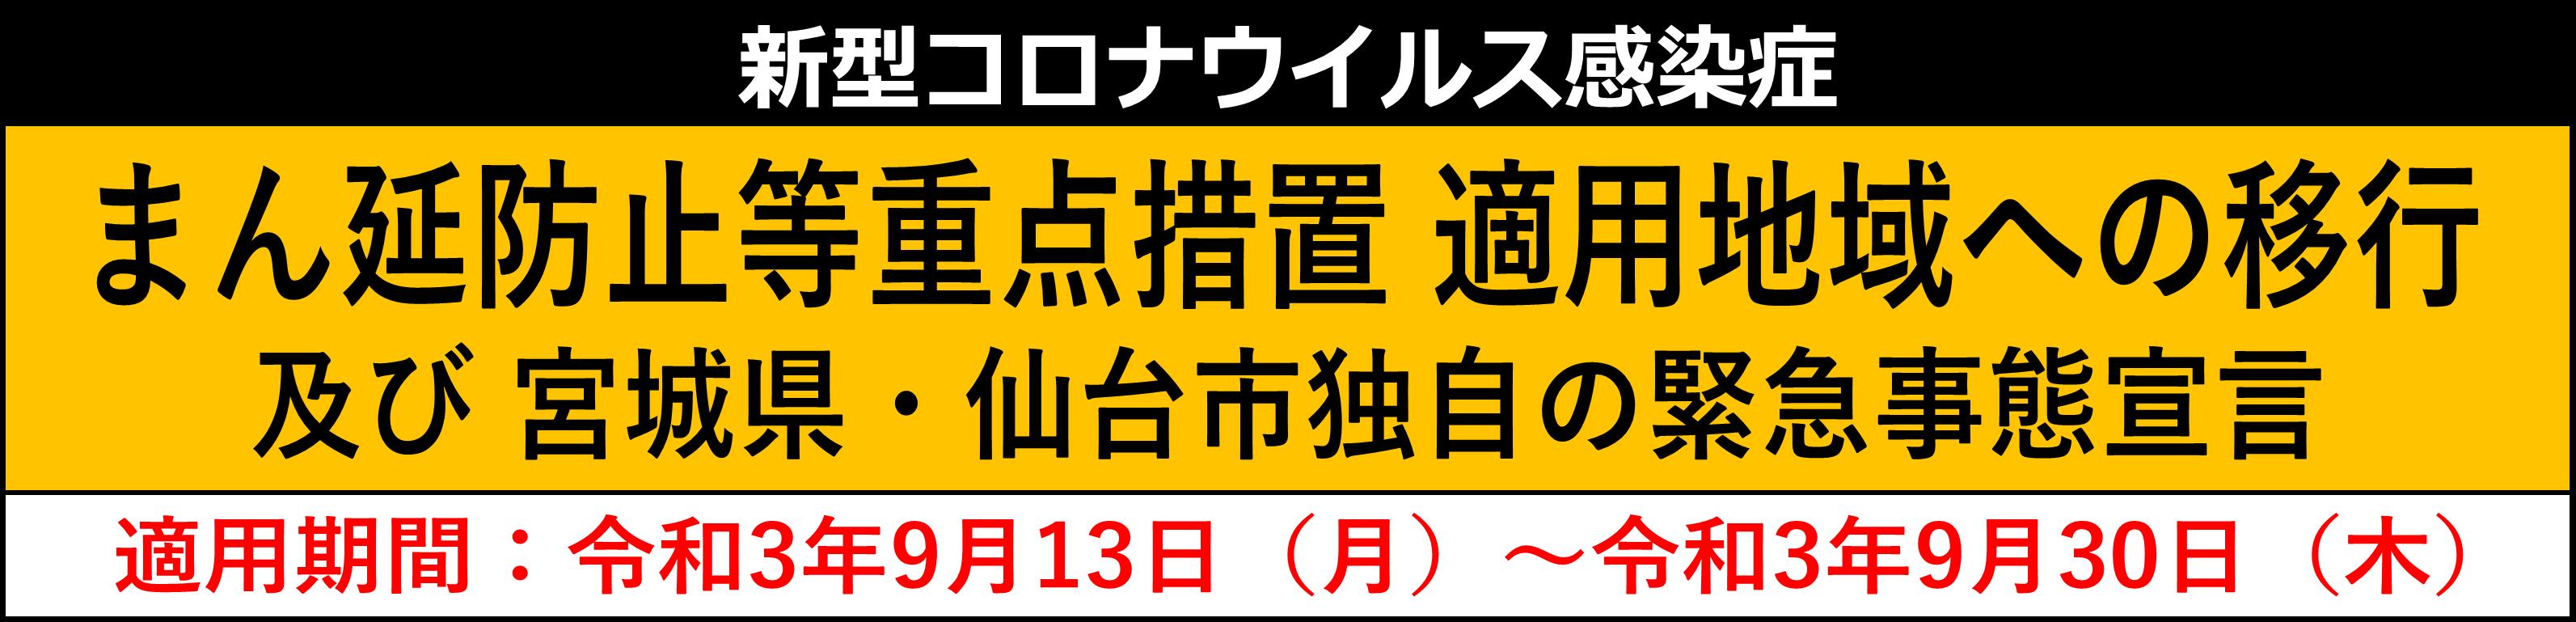 まん延防止(R3.9.13~)